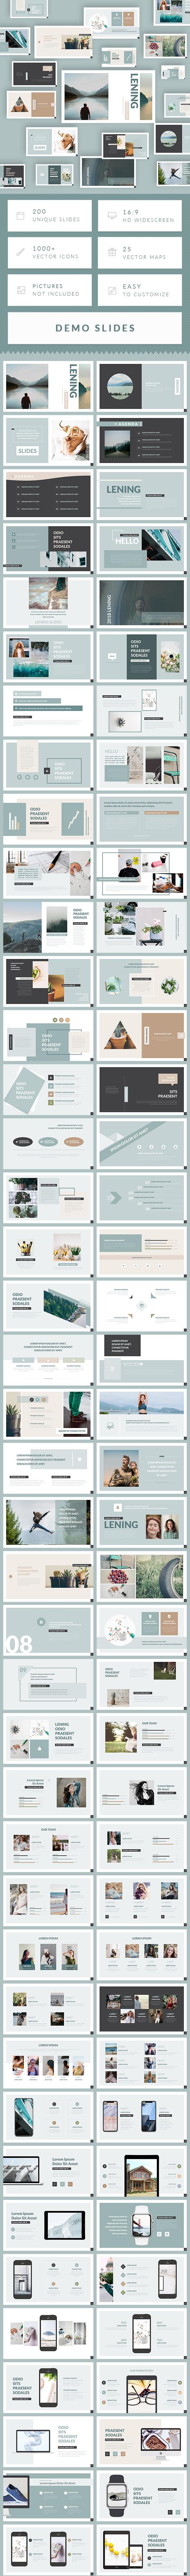 Lening - Minimal Simple Google Slides Template - Google Slides Presentation Templates